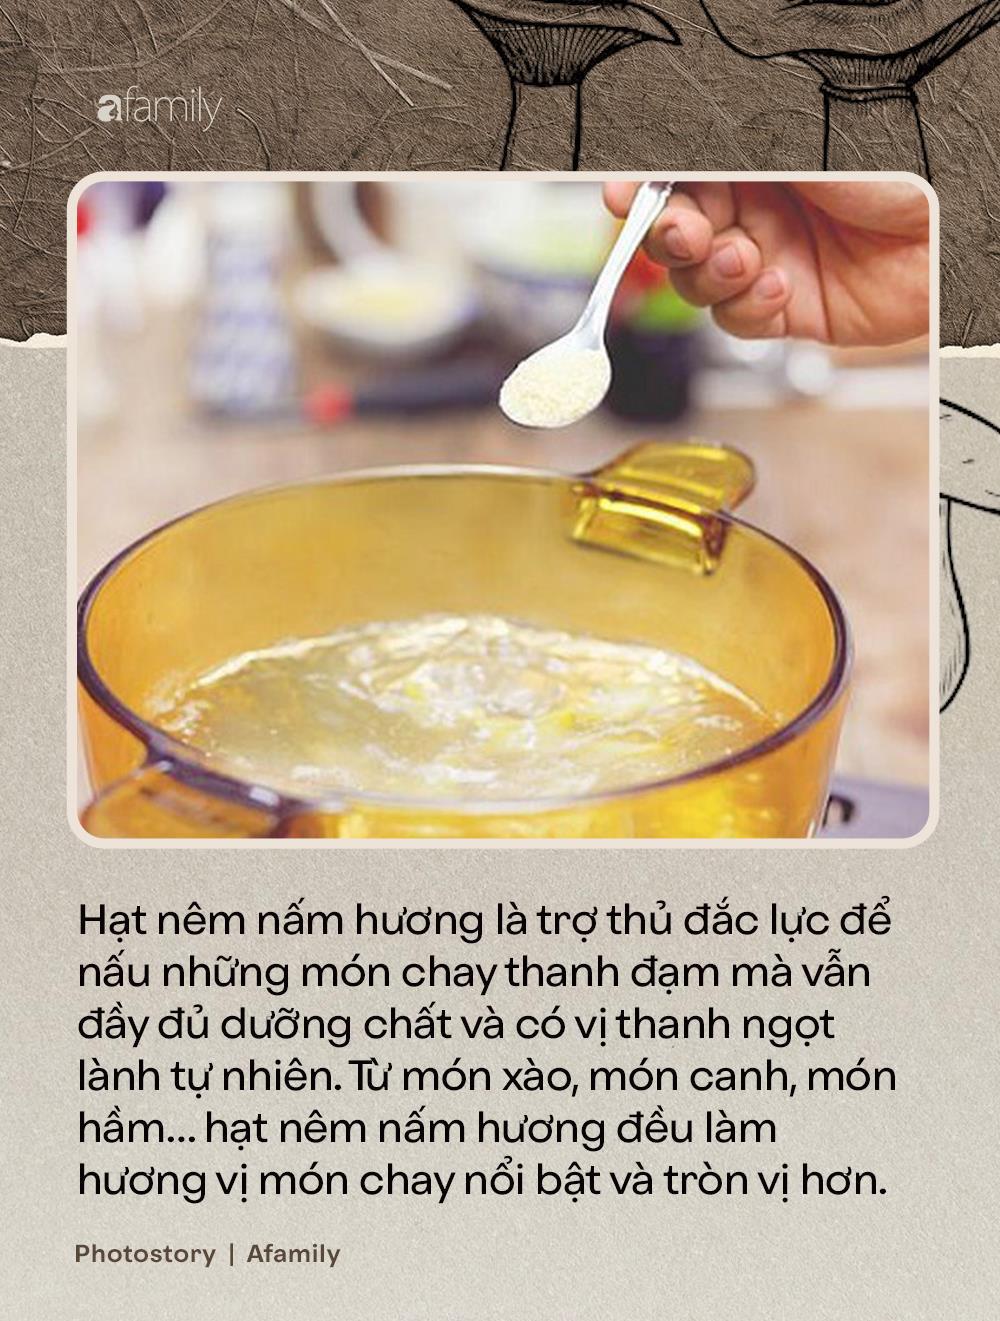 Nấm hương, thứ nguyên liệu thần thánh nhất định không thể thiếu trong ẩm thực món chay - Ảnh 7.